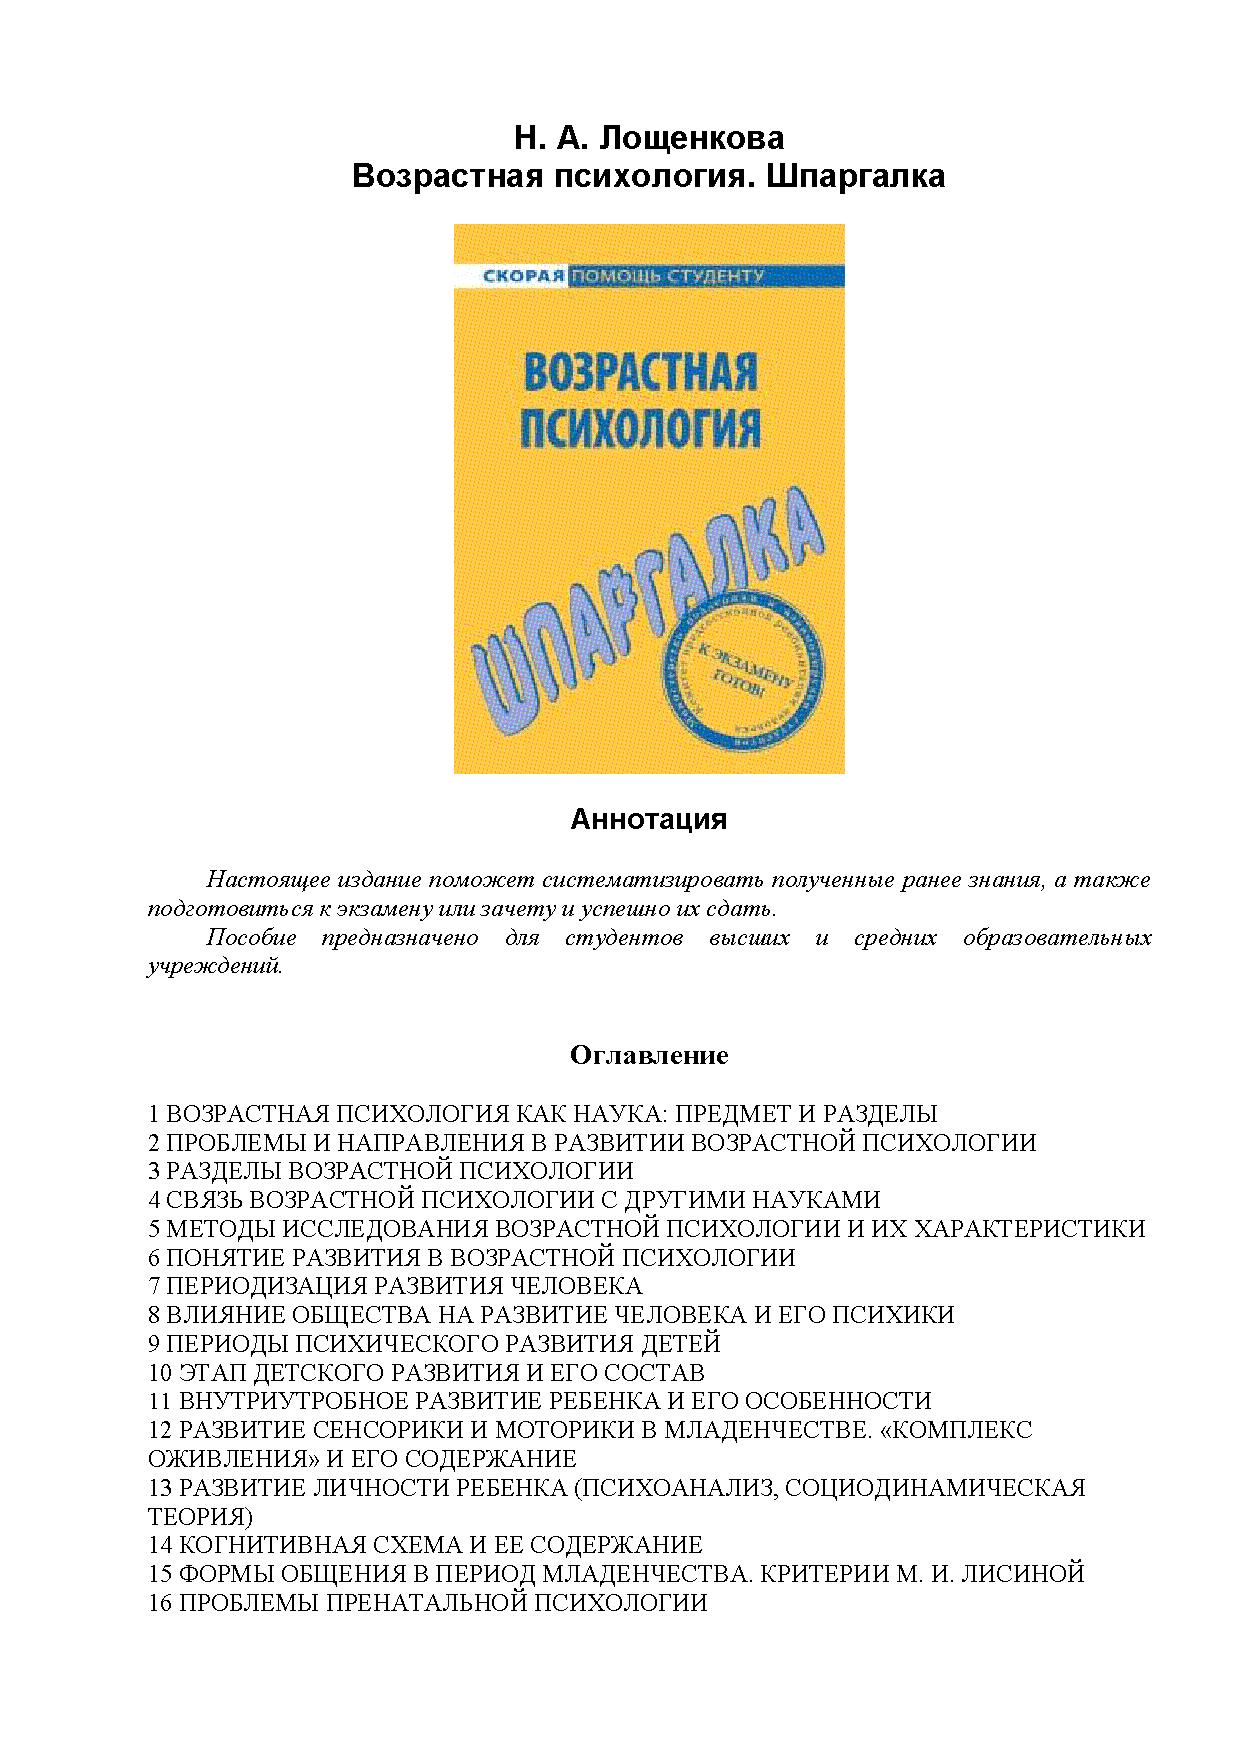 Психология: комплекс оживления - бесплатные статьи по психологии в доме солнца